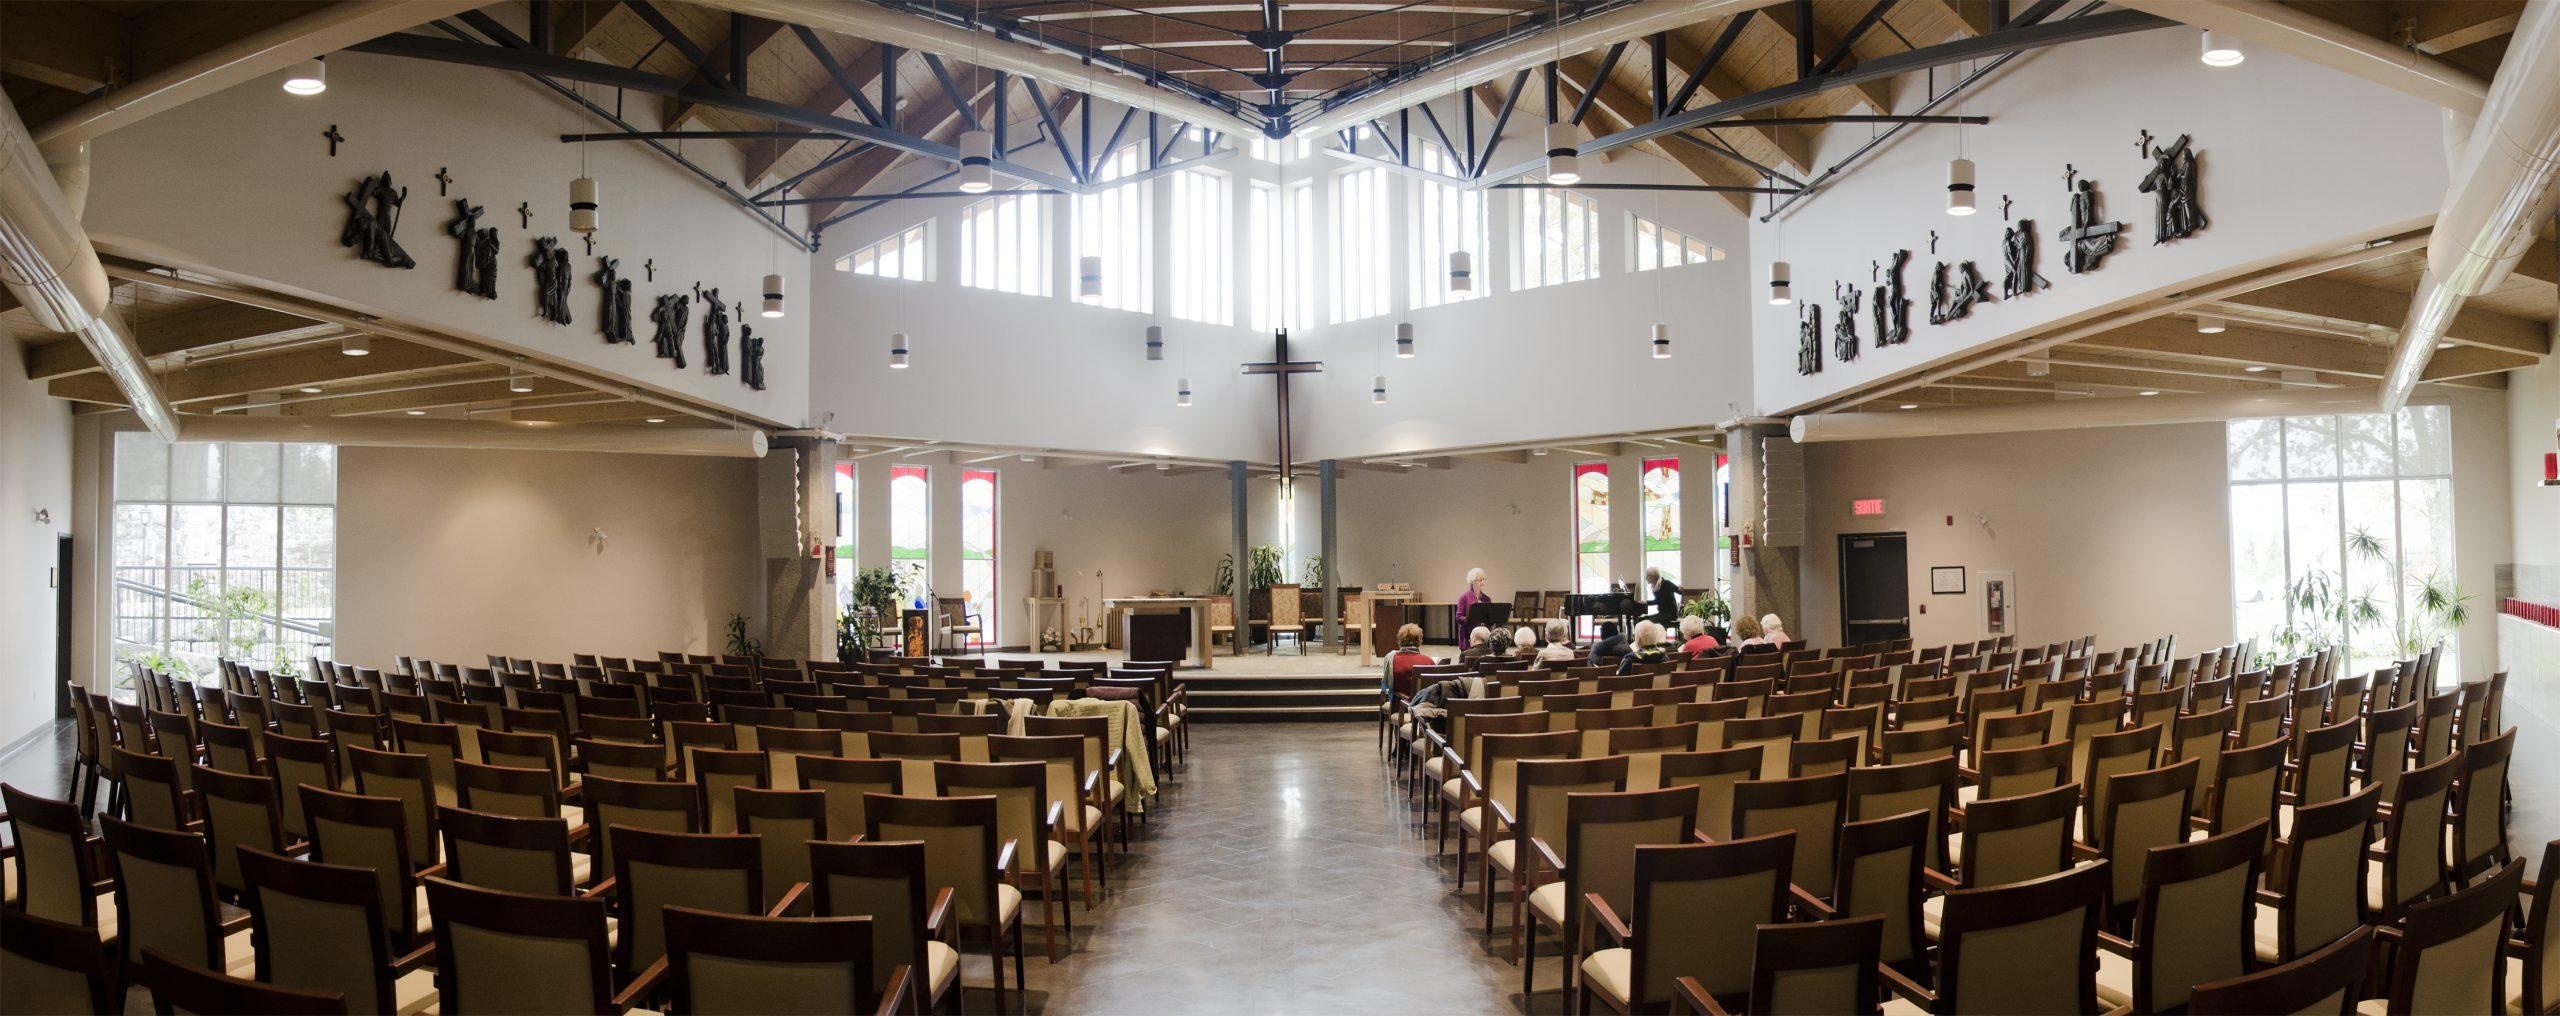 Église Saint-Paul Cecobois 6